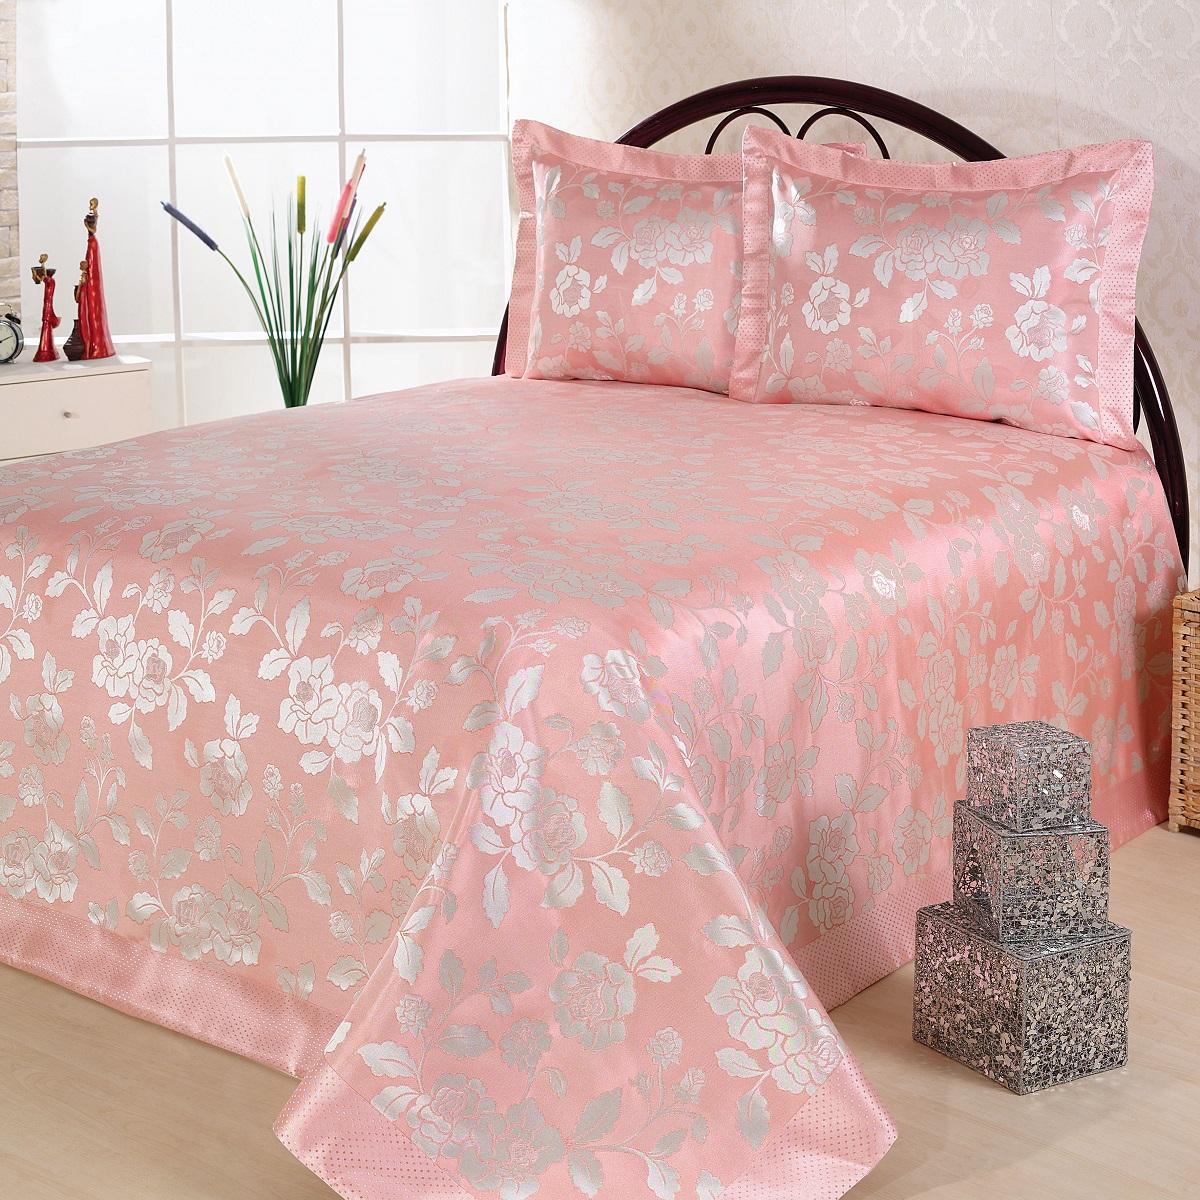 Комплект для спальни Nazsu Gul: покрывало 240 х 260 см, 2 наволочки 50 х 70 см, цвет: светло-розовый, белый531-401Изысканный комплект для спальни Nazsu Gulсостоит из покрывала и двух наволочек. Изделиявыполнены из высококачественного полиэстера (50%) ихлопка (50%), легкие, прочные и износостойкие. Тканьблестящая, что придает ей больше роскоши.Комплект Nazsu - это отличный способ придатьспальне уют и комфорт, а также позволит по-королевскиукраситьинтерьер.Размер покрывала: 240 х 260 см. Размер наволочки: 50 х 70 см.